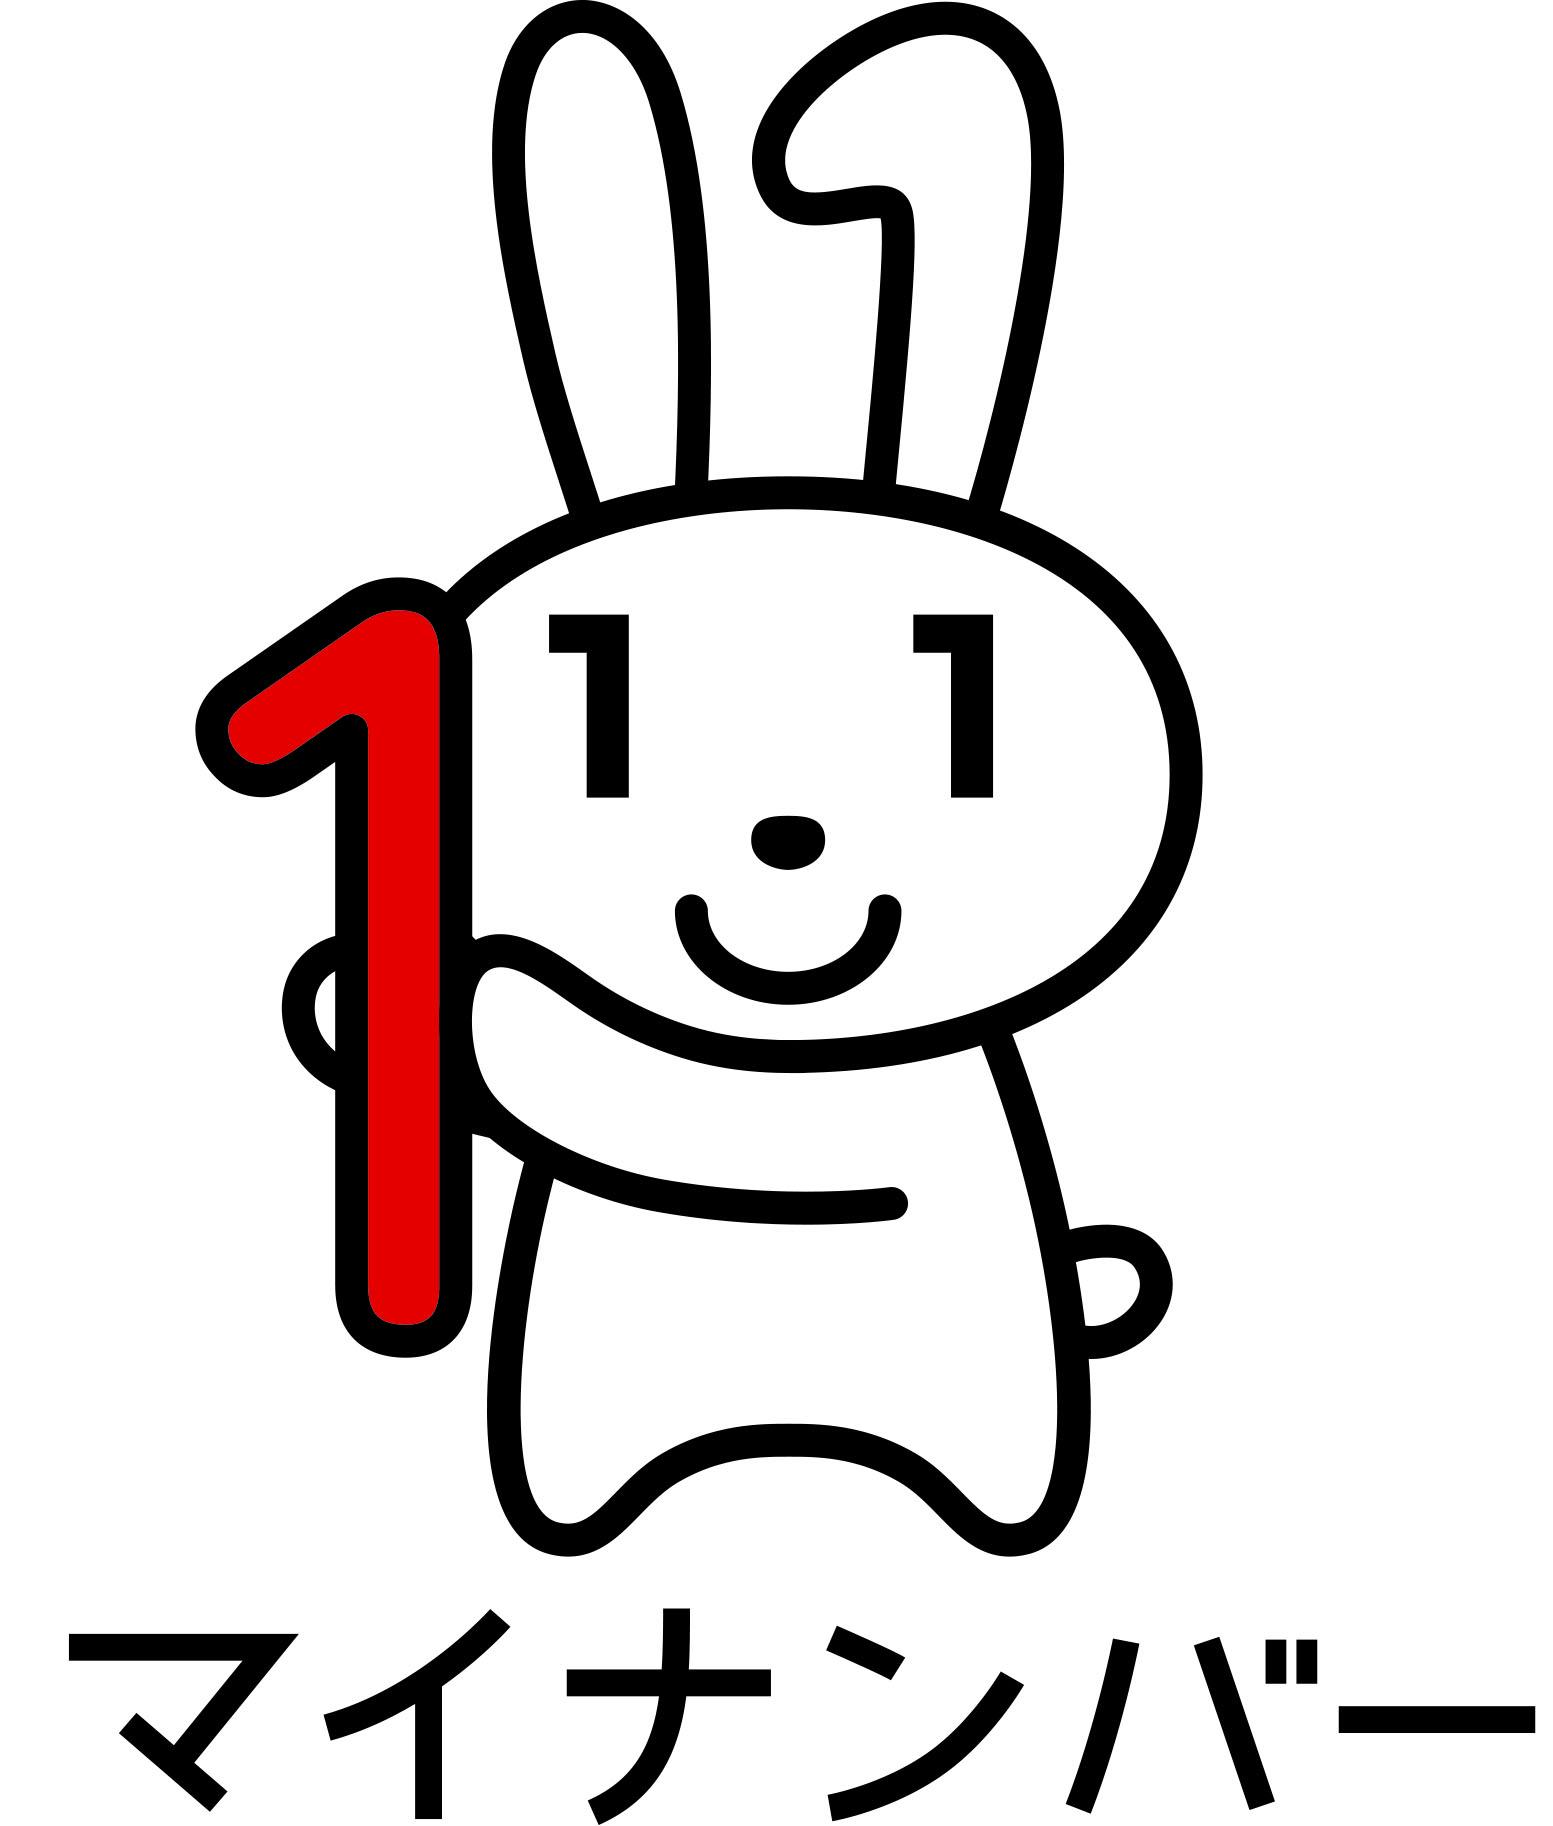 内閣府(マイナちゃんロゴ)